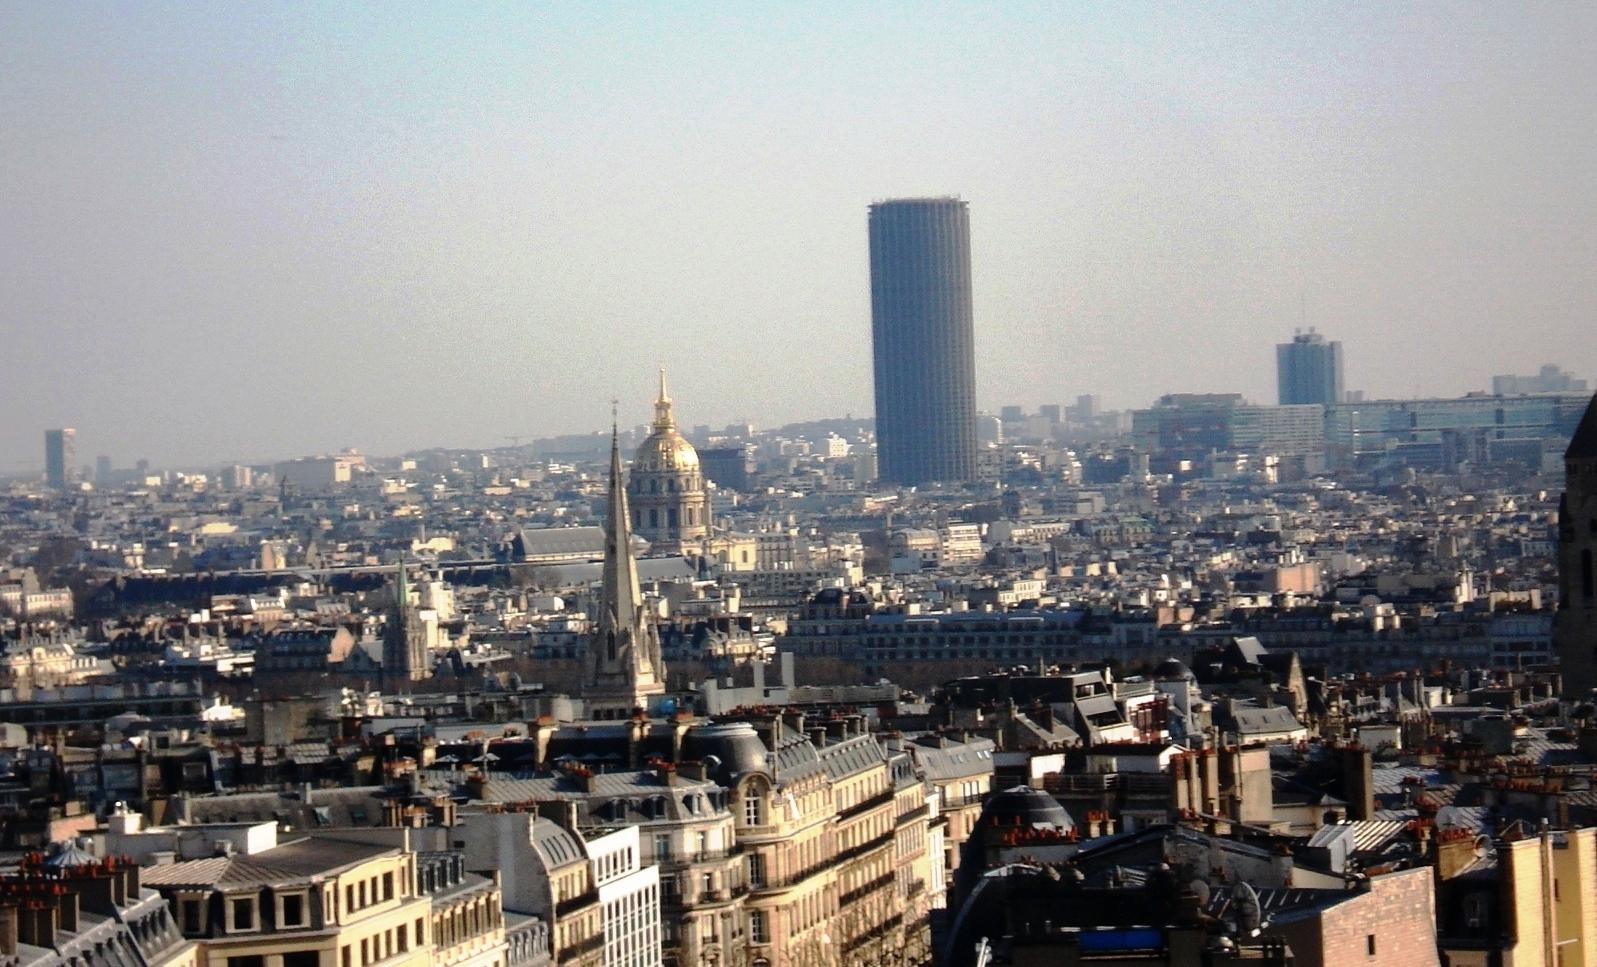 Paris- Foto q tirei do alto do Arco do Triunfo